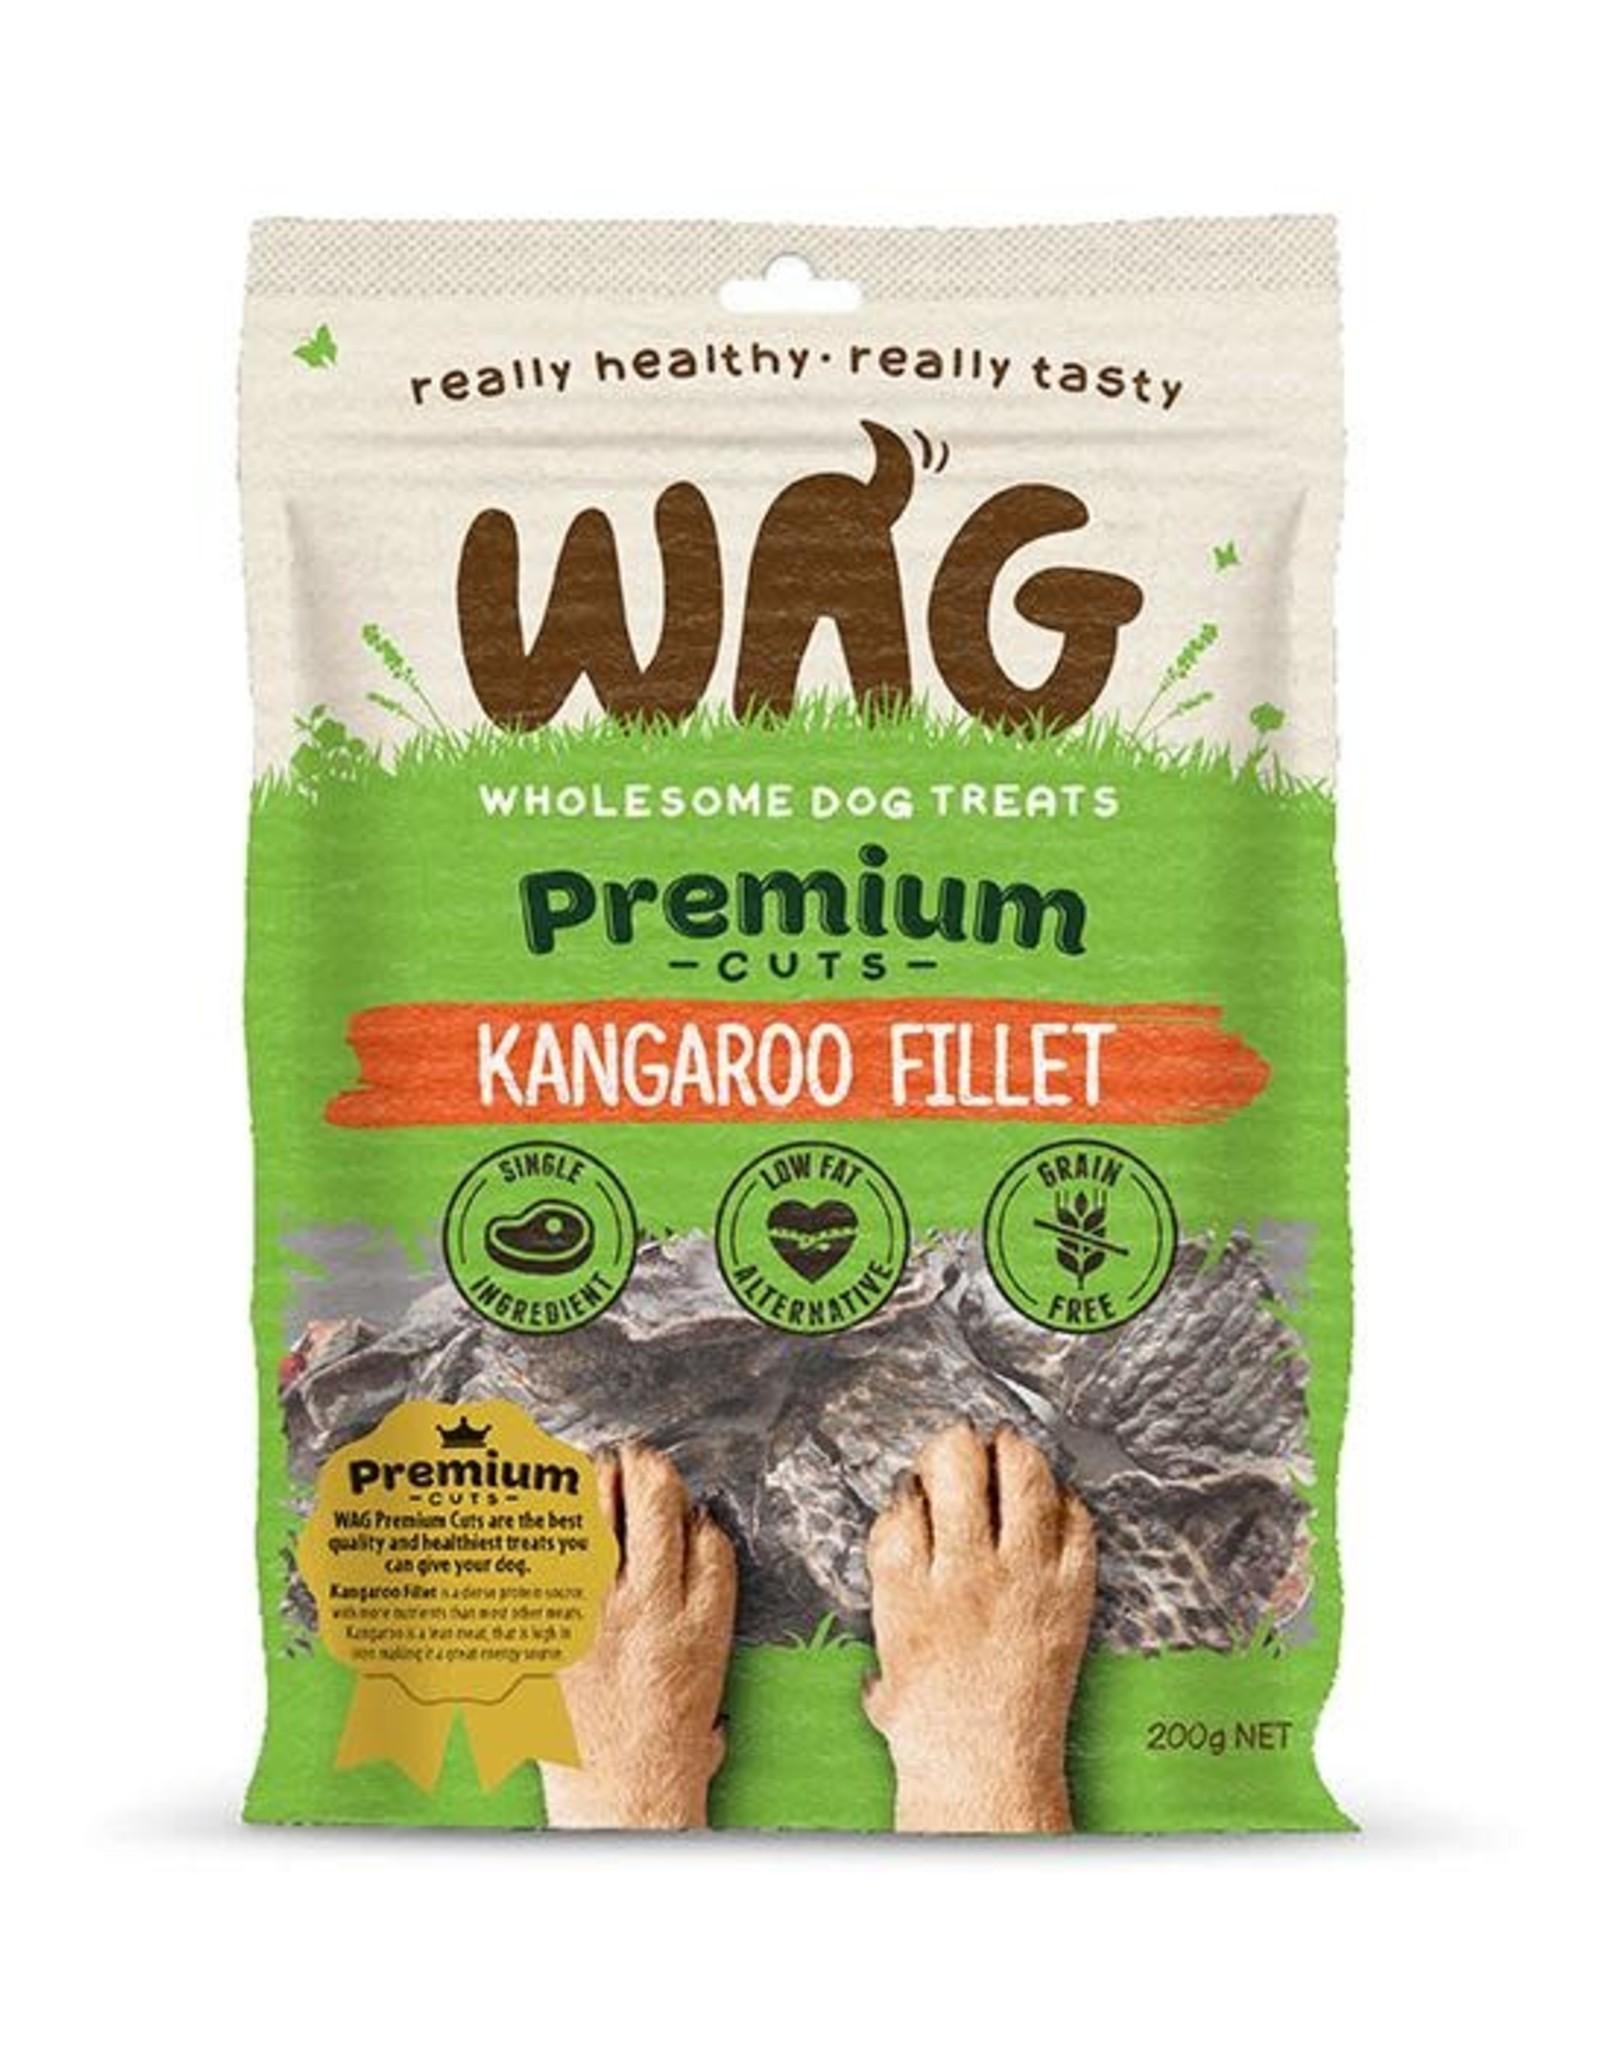 WAG WAG Kangaroo Fillet (Heart)